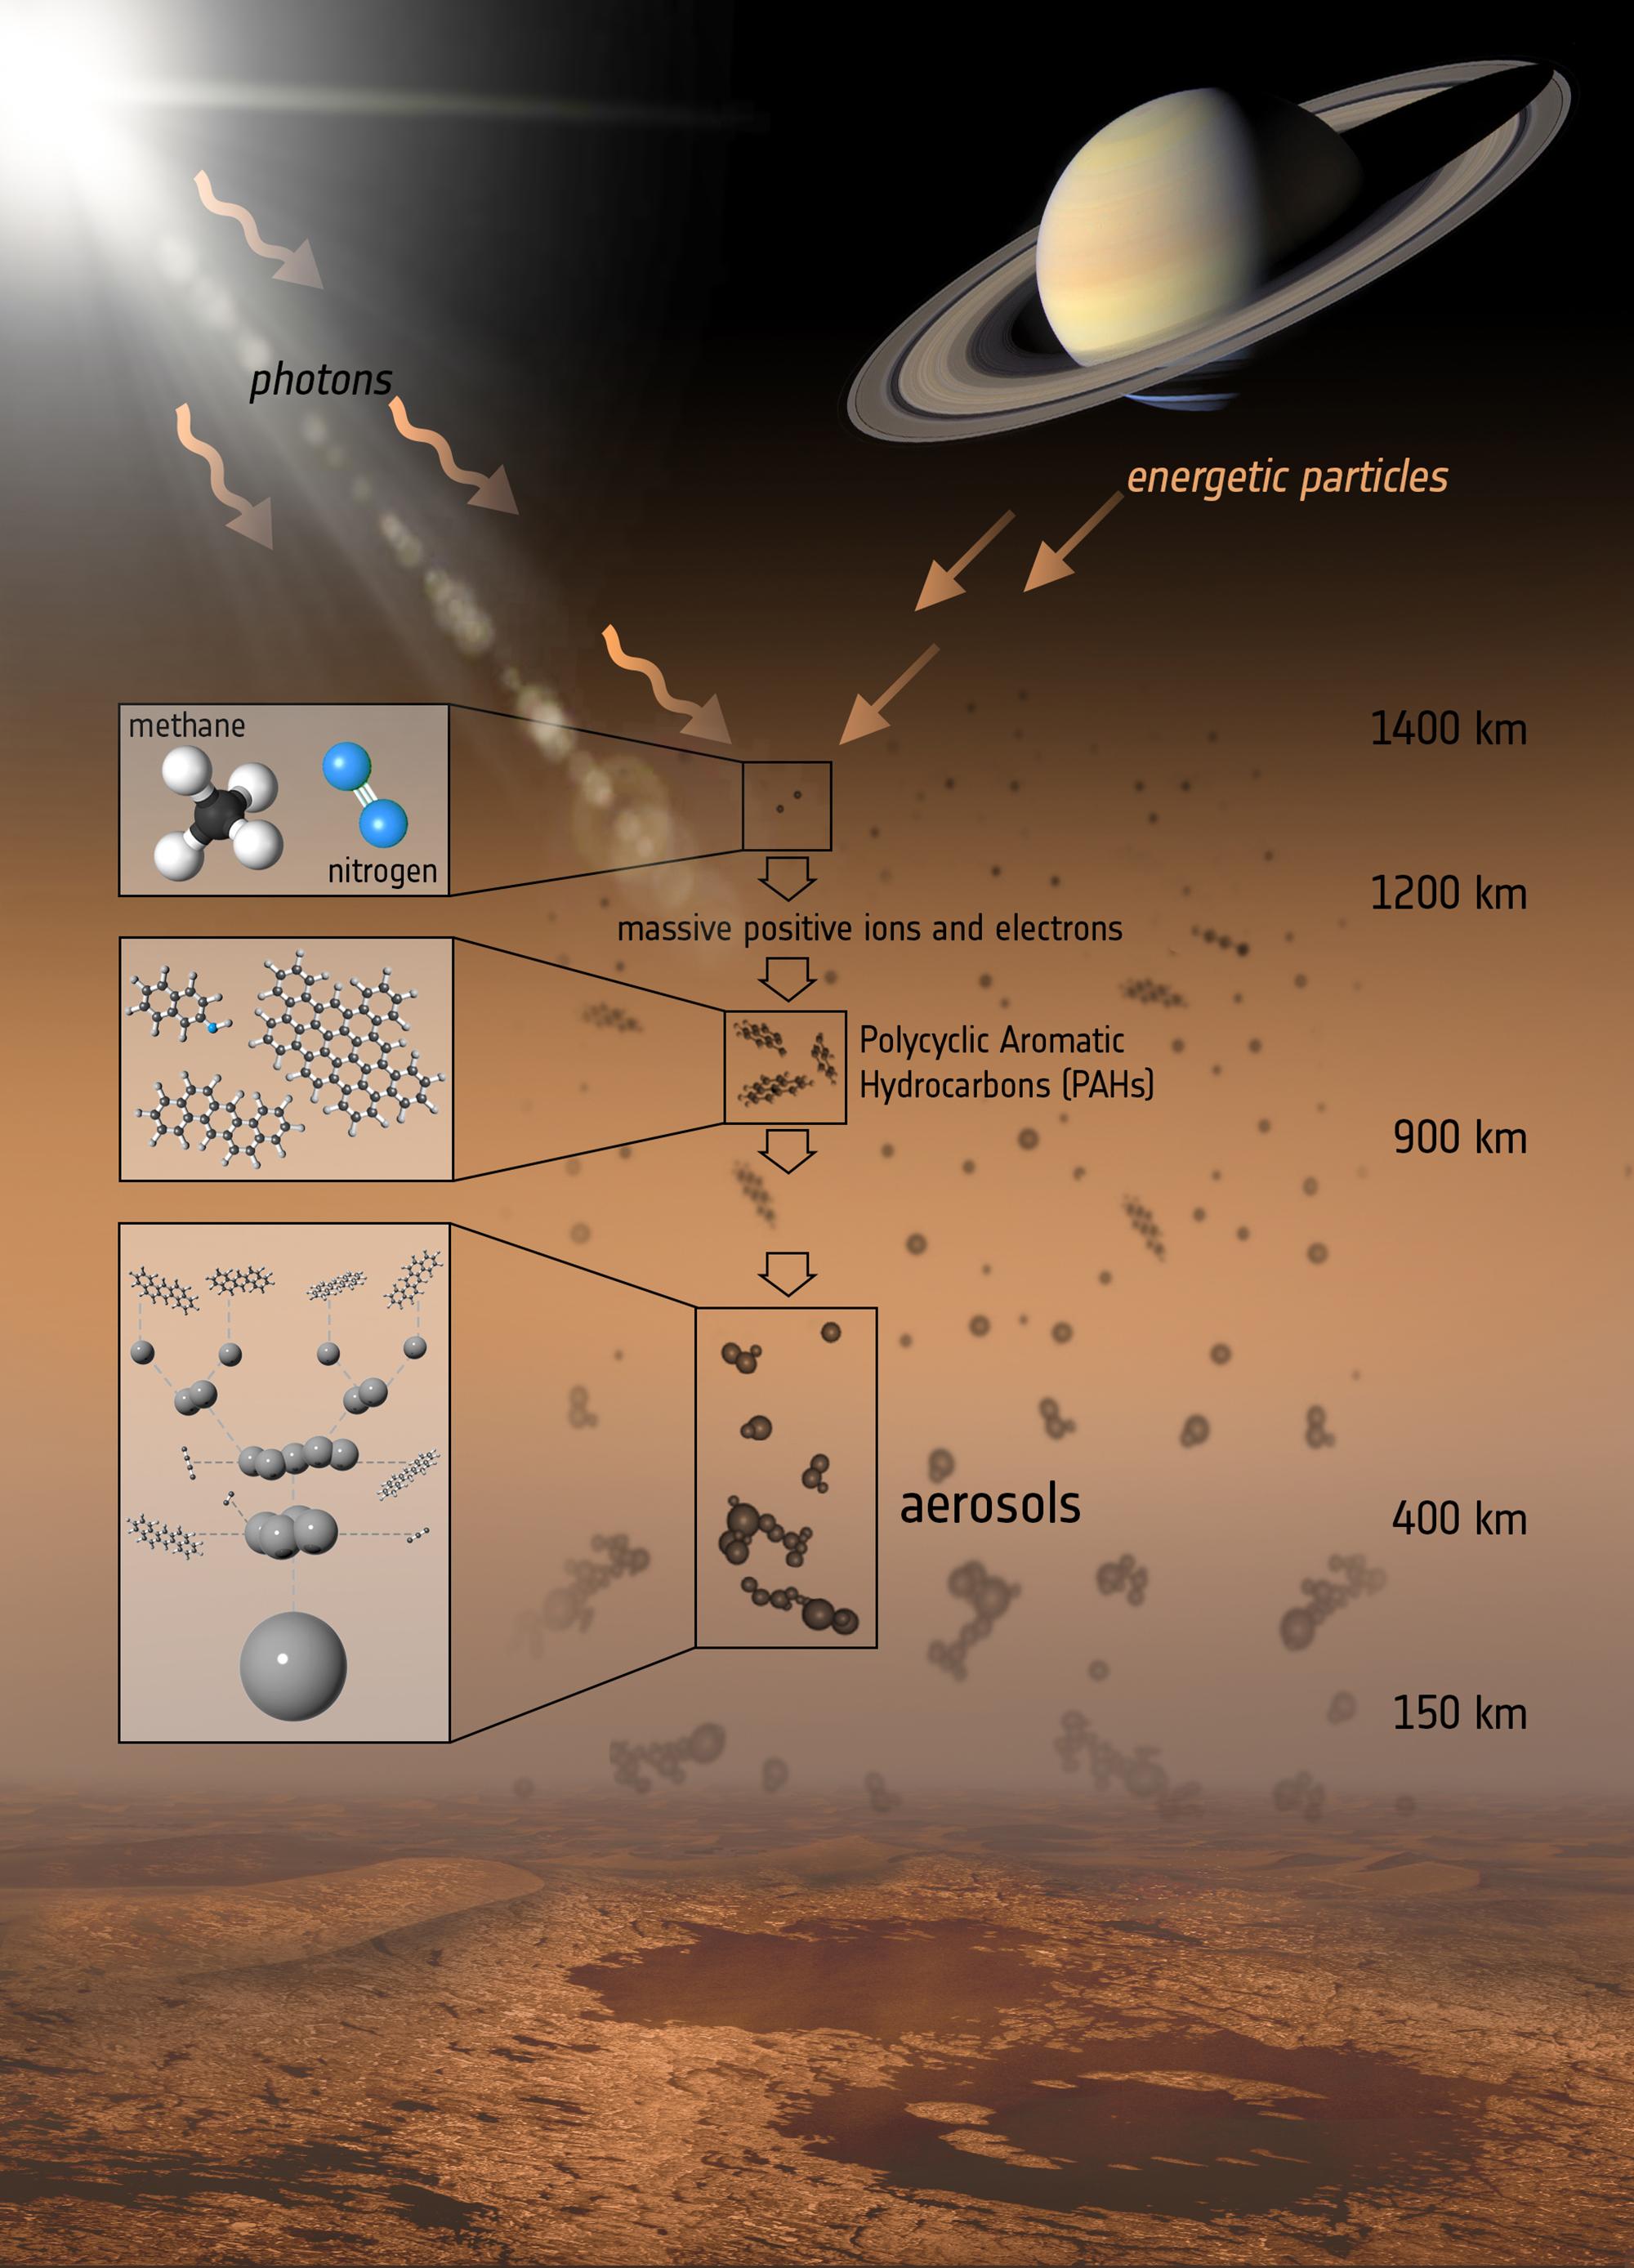 Cassini Spacecraft Diagram Cassini Spacecraft Reveal